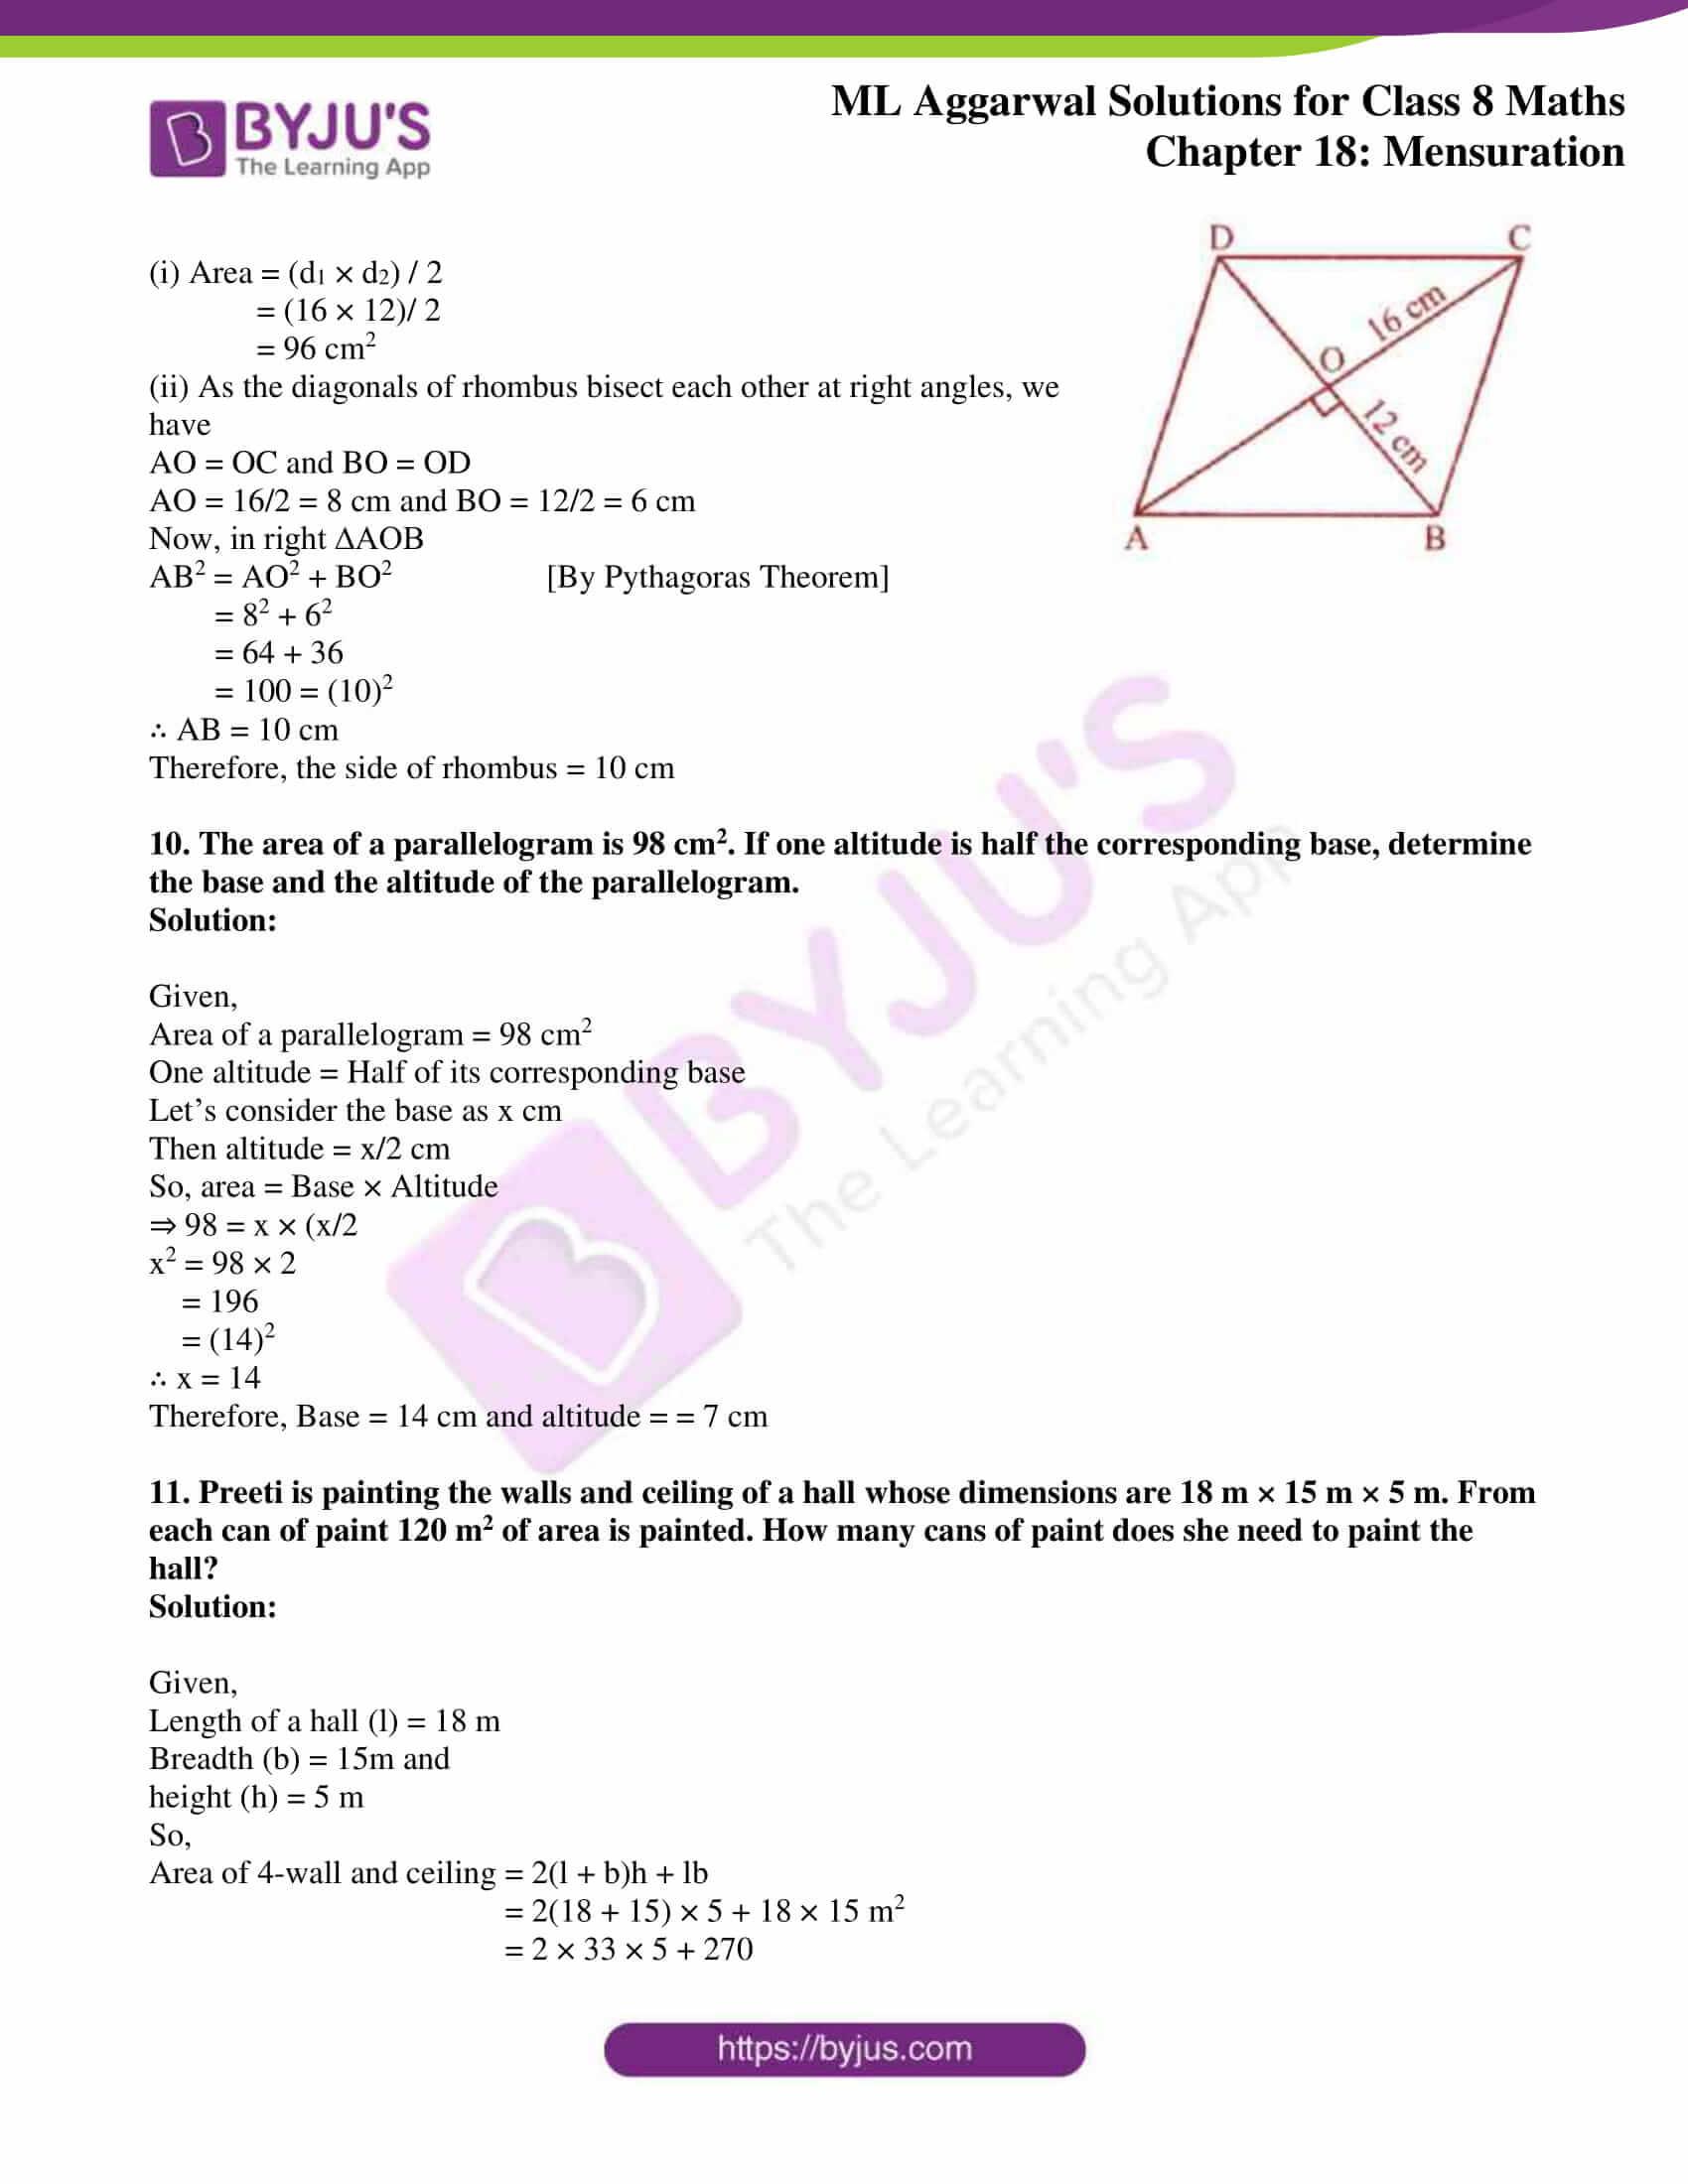 ml aggarwal sol mathematics class 8 ch 18 40